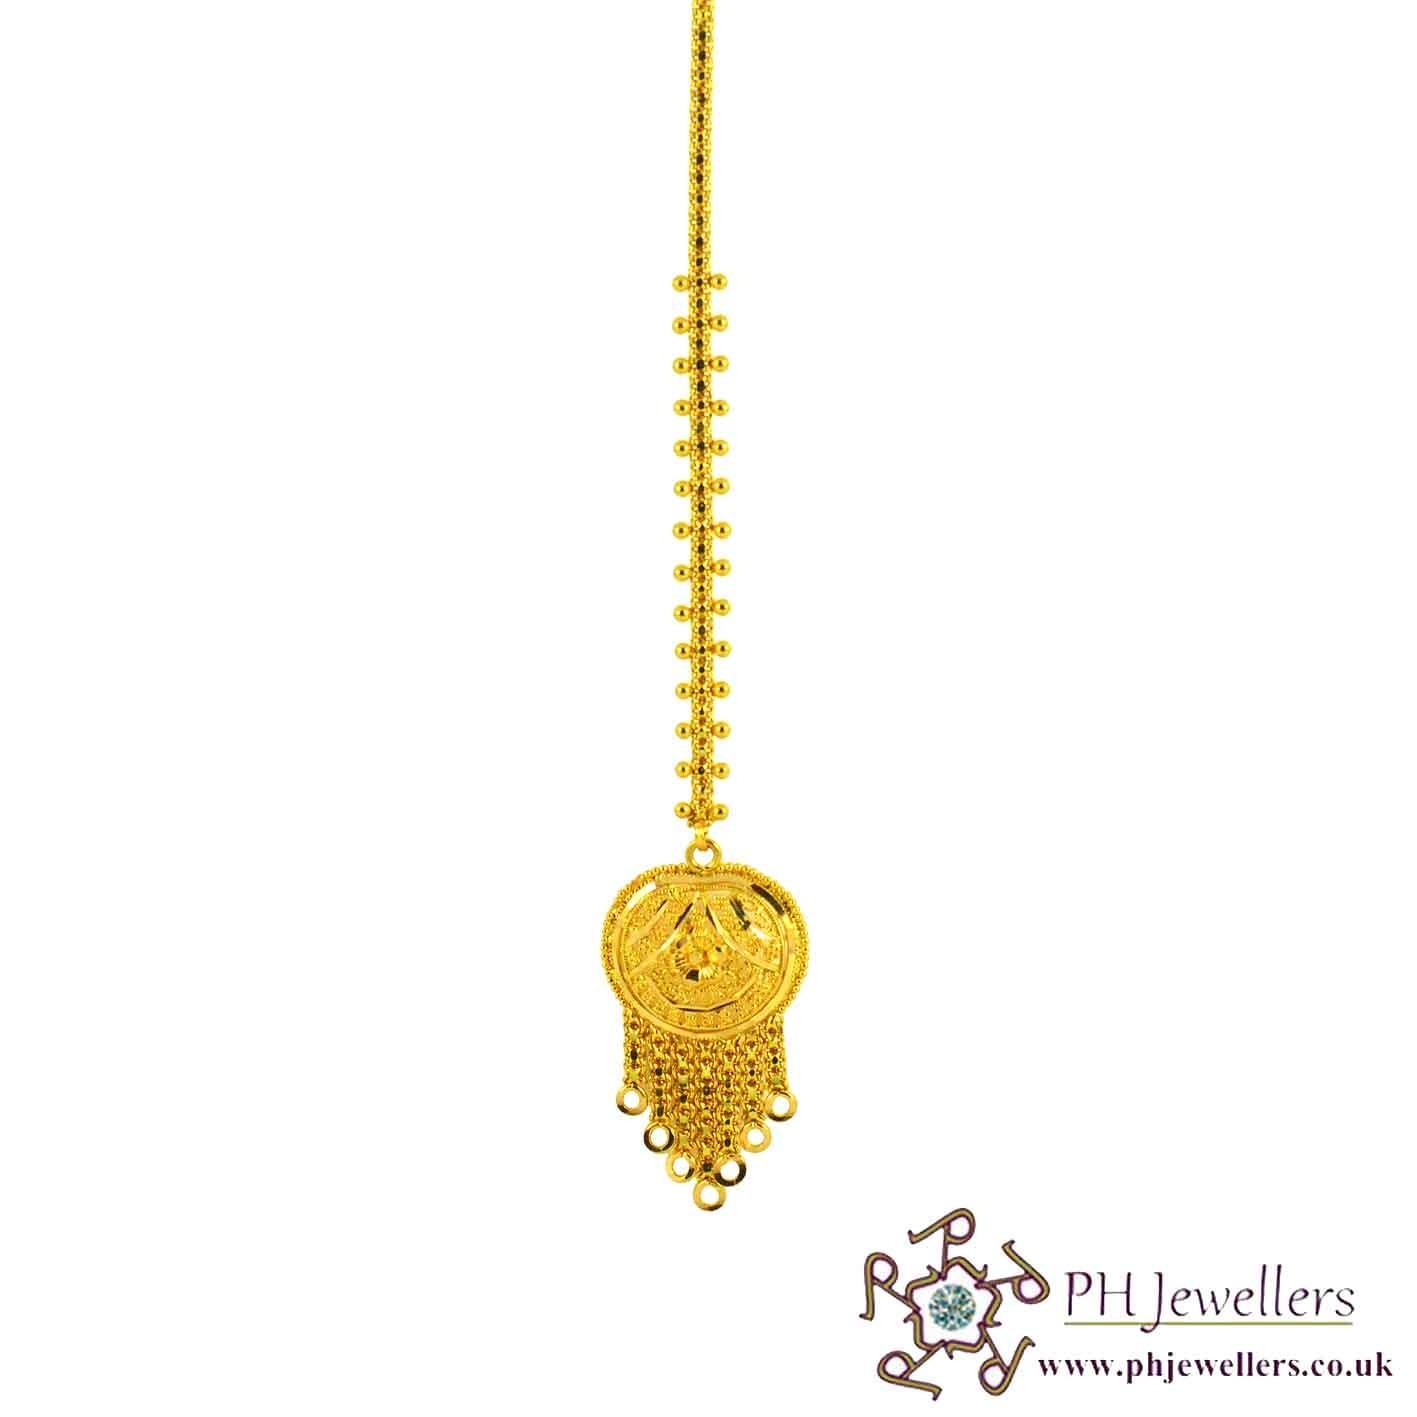 22ct 916 Hallmark Yellow Gold Headpiece Tikka TI1